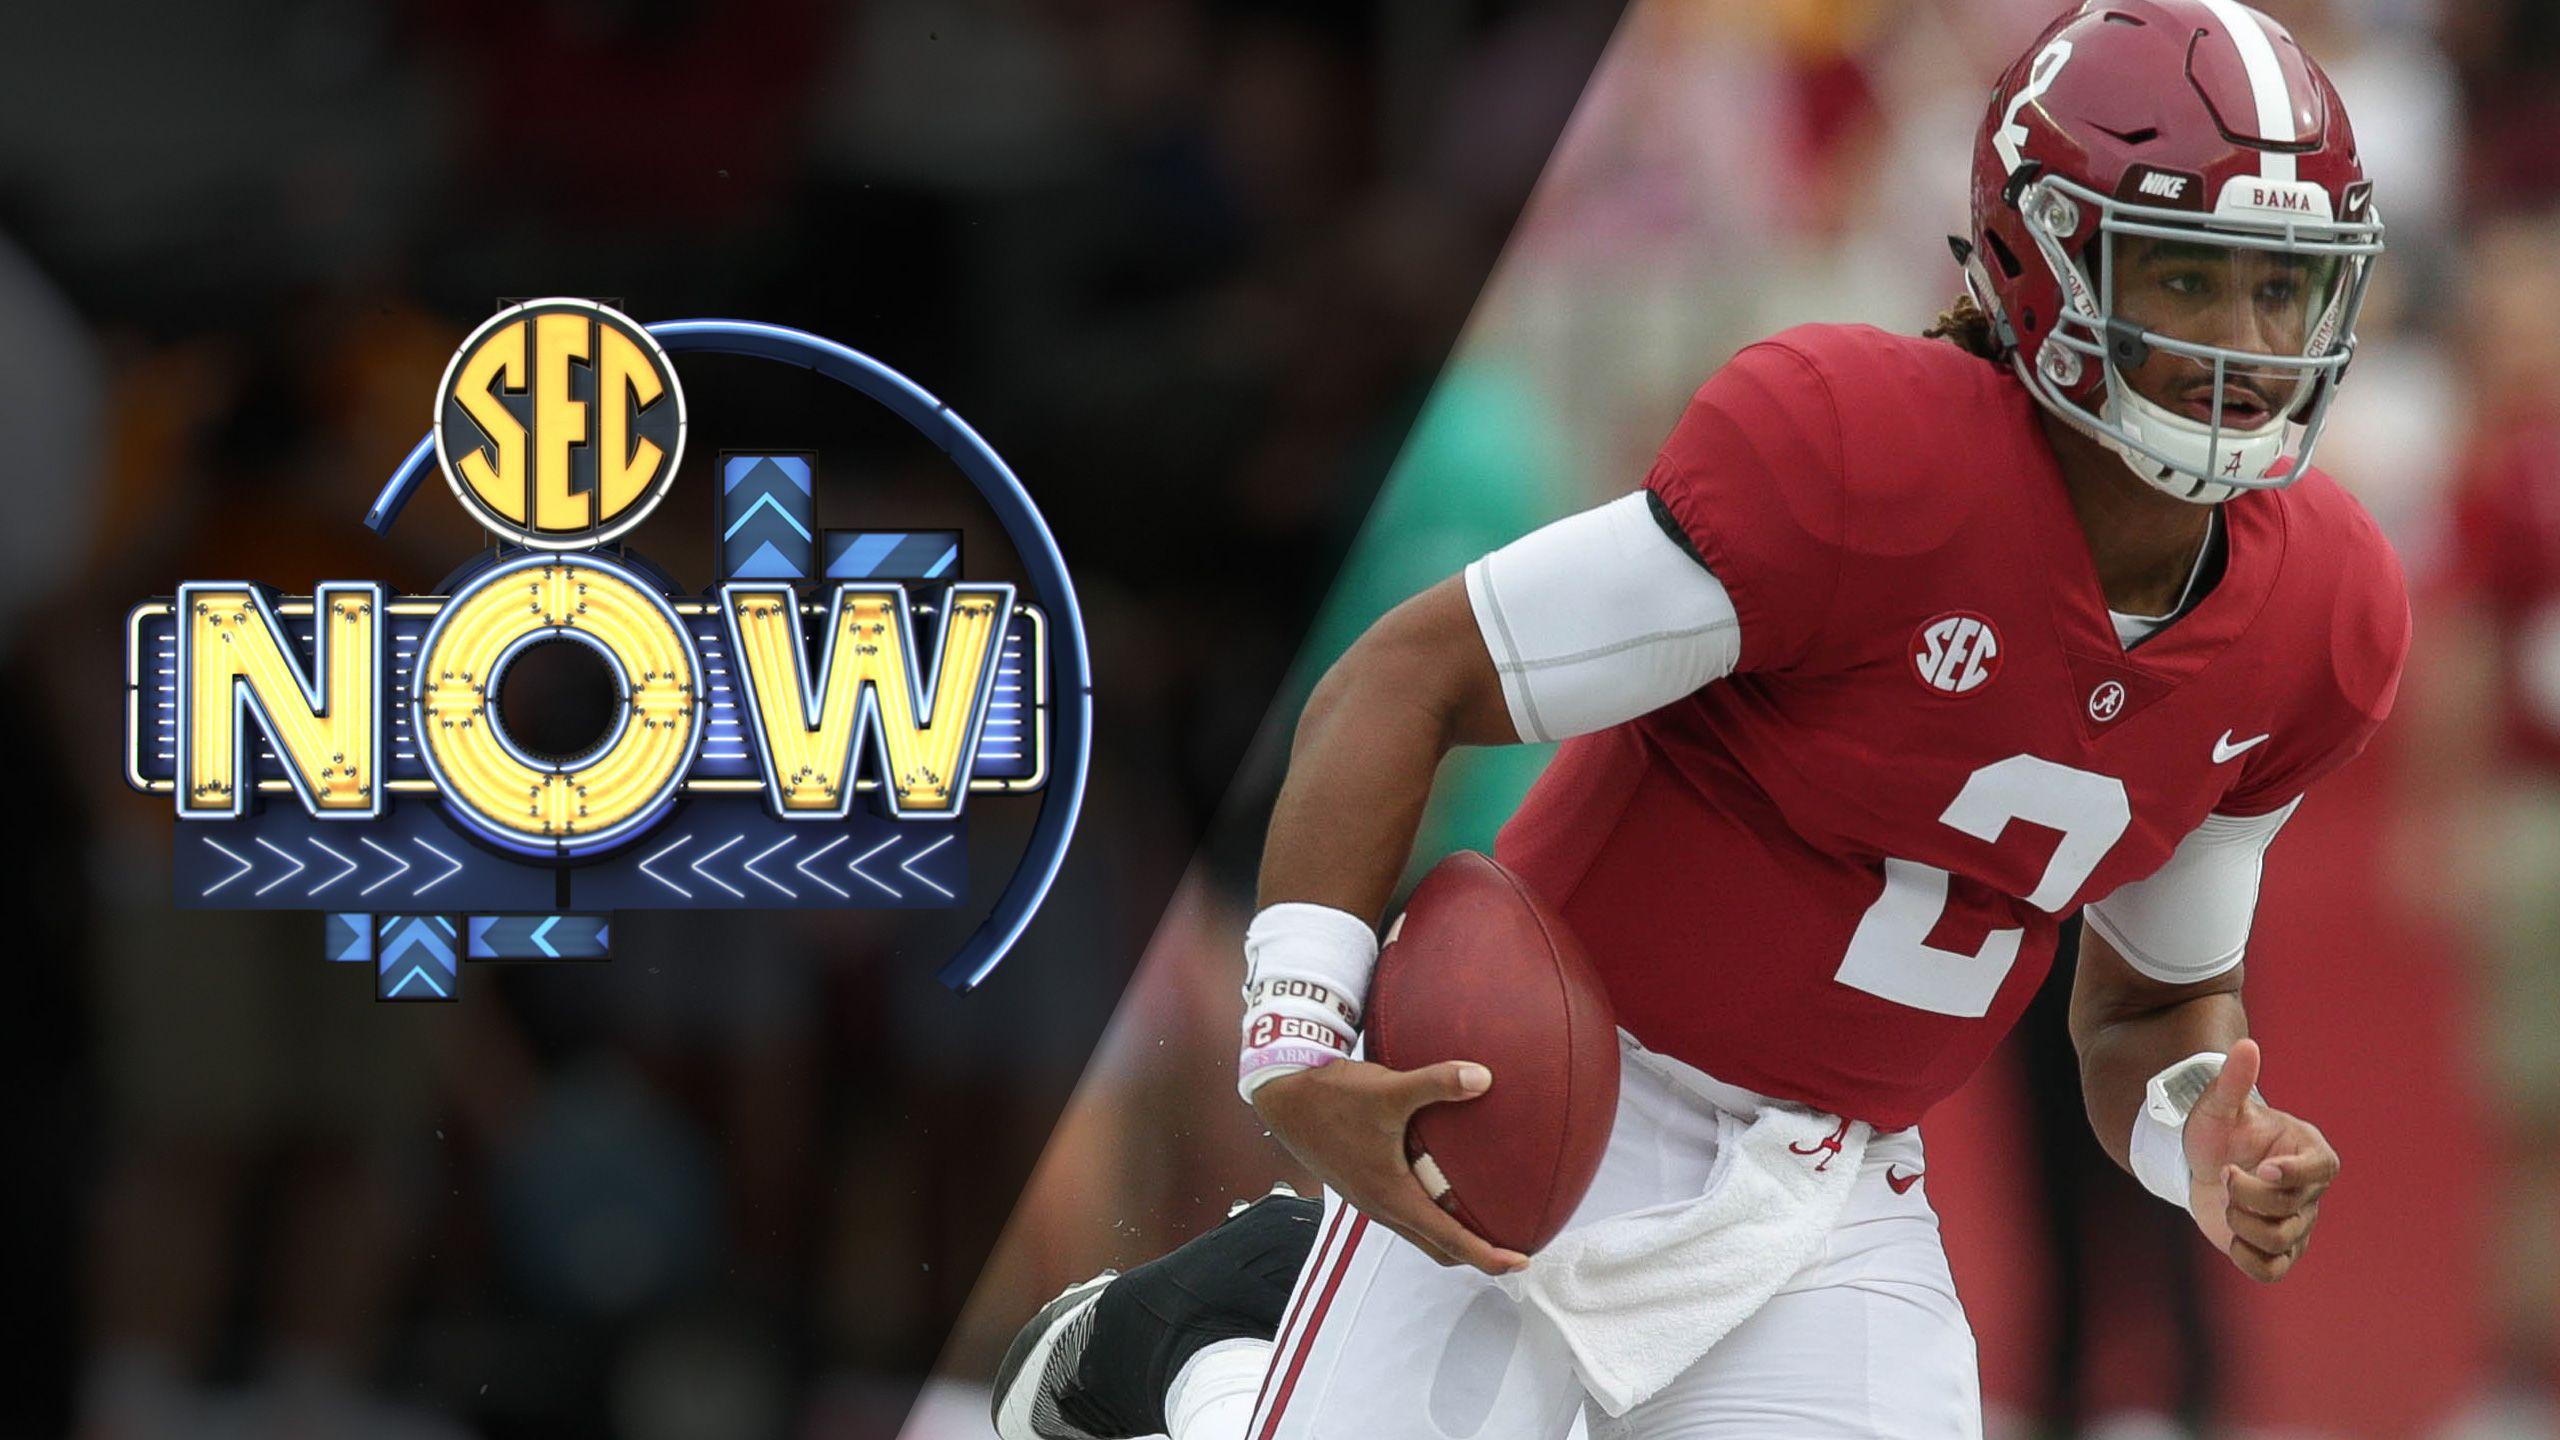 Sat, 10/21 - SEC Now